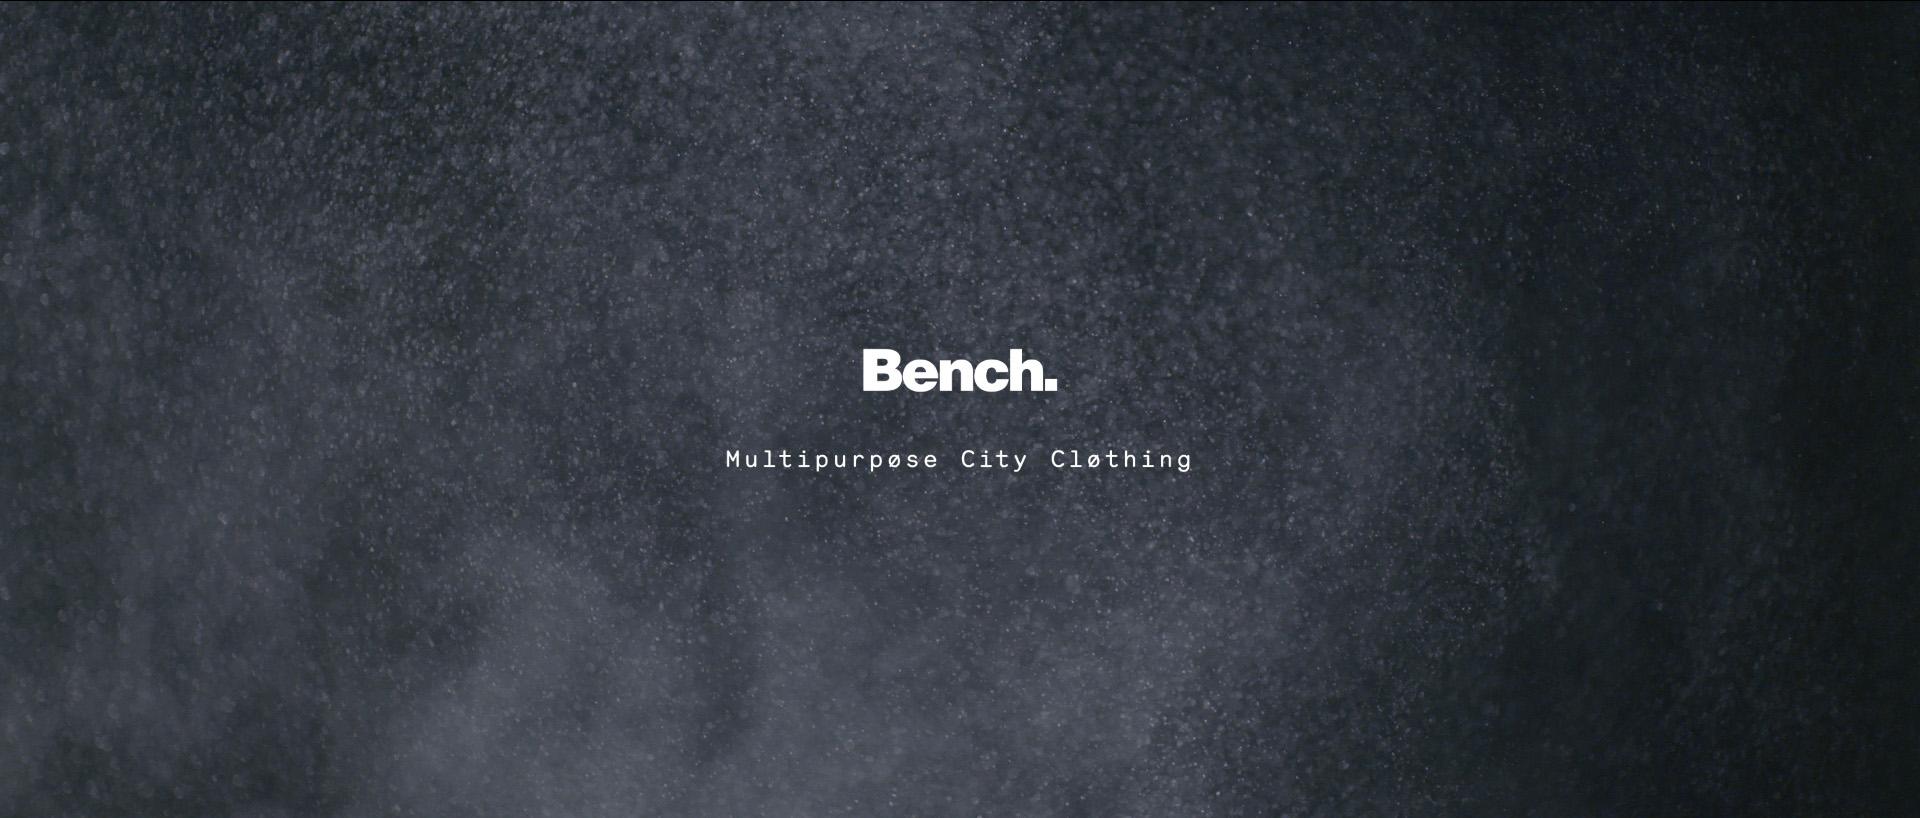 FreshBritainBench_12_02062014.Still012.jpg